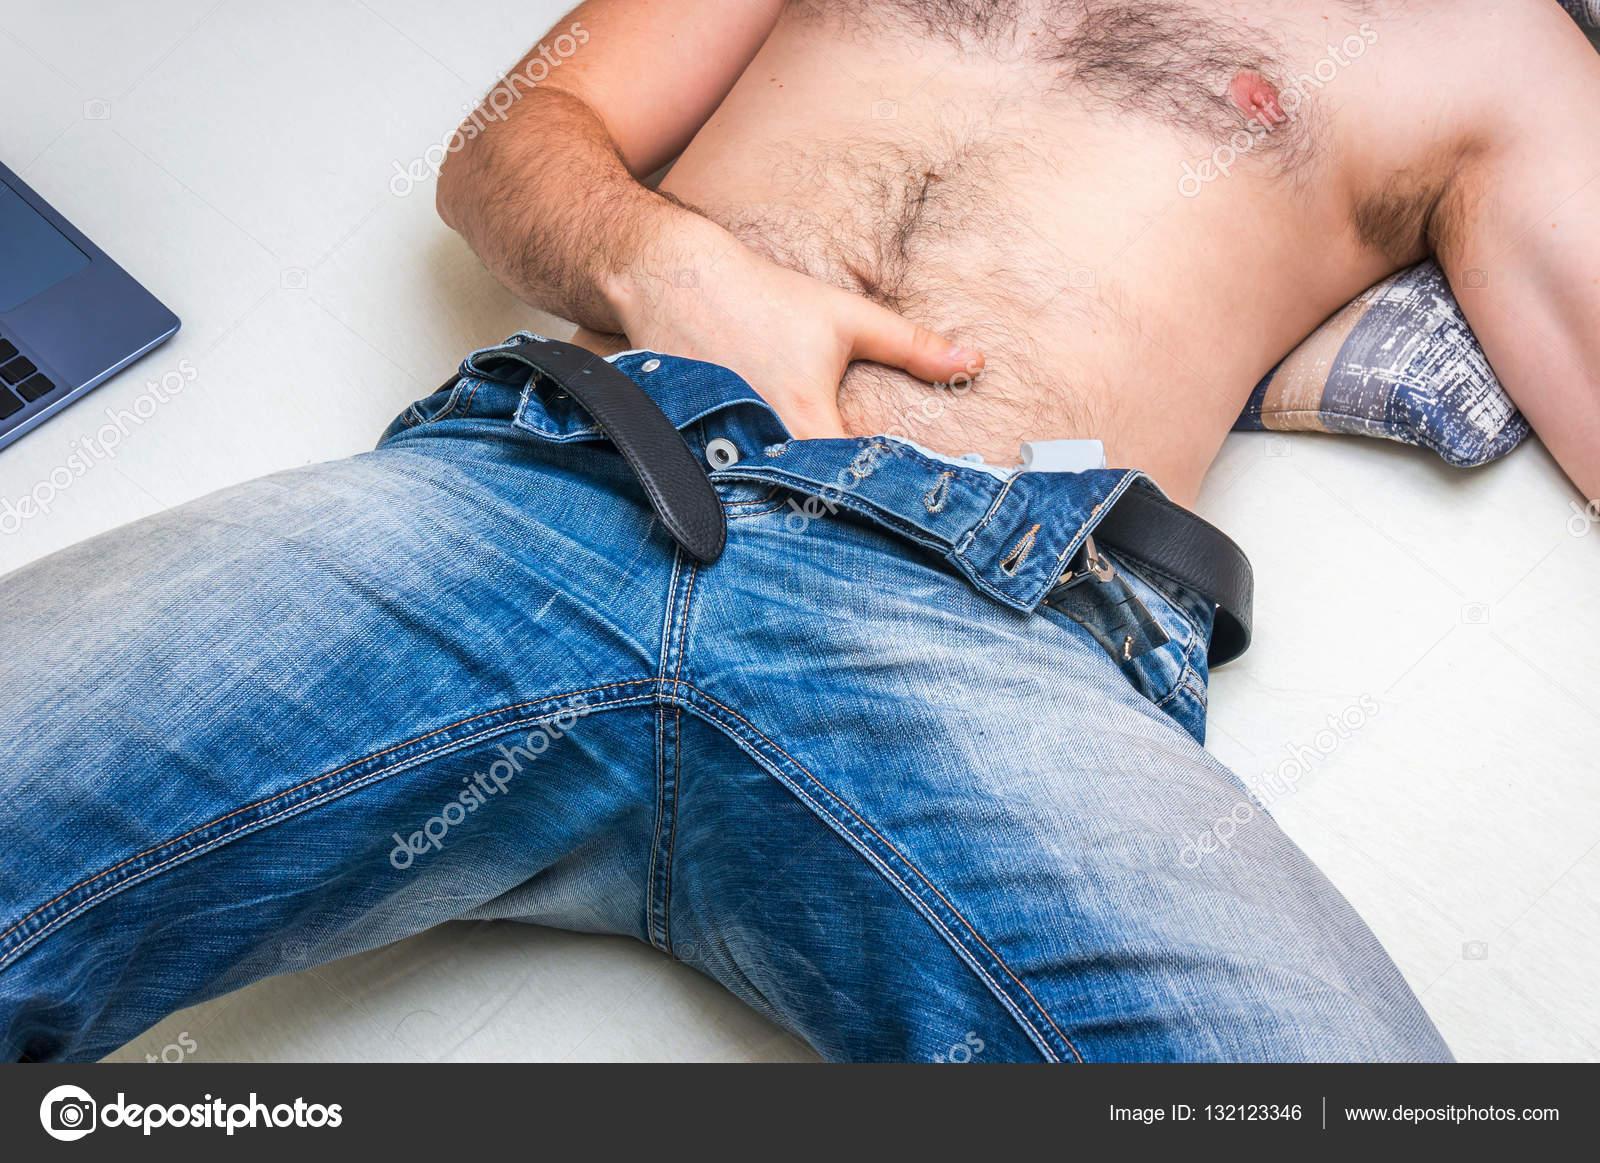 Hombres Masturbandose En La Cama